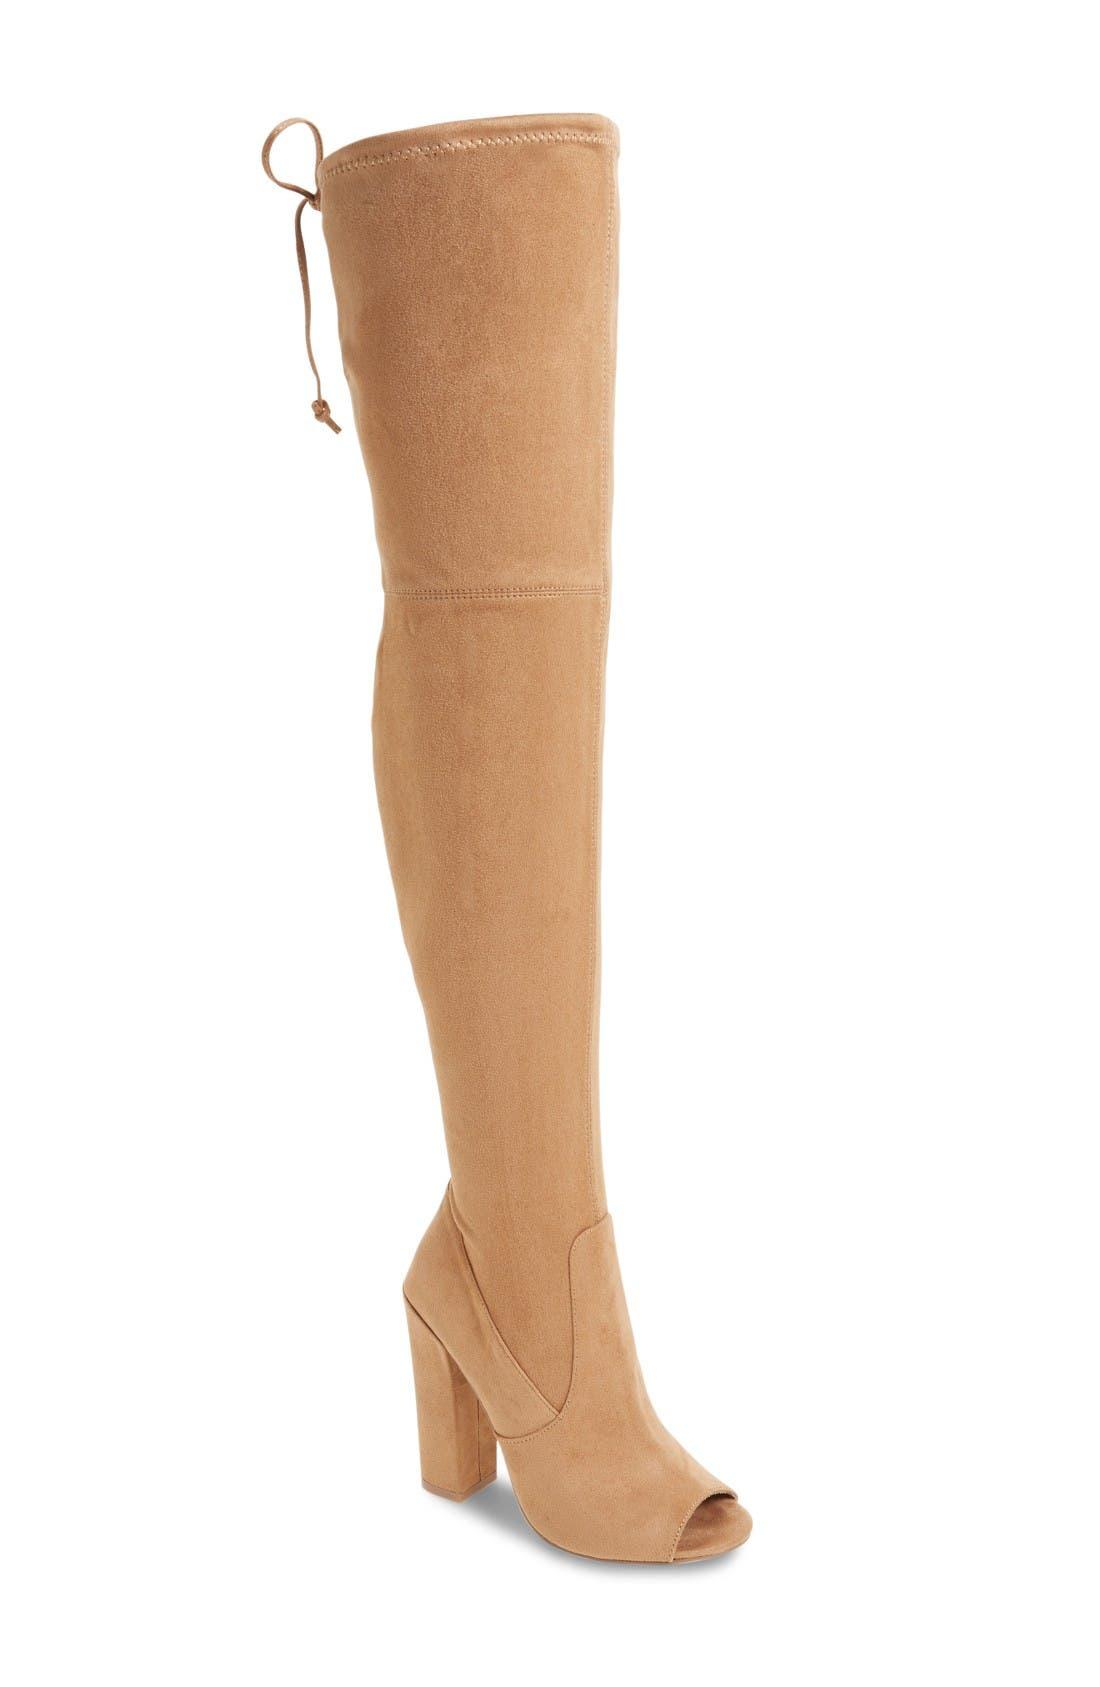 Alternate Image 1 Selected - Steve Madden Elliana Over the Knee Open Toe Boot (Women)